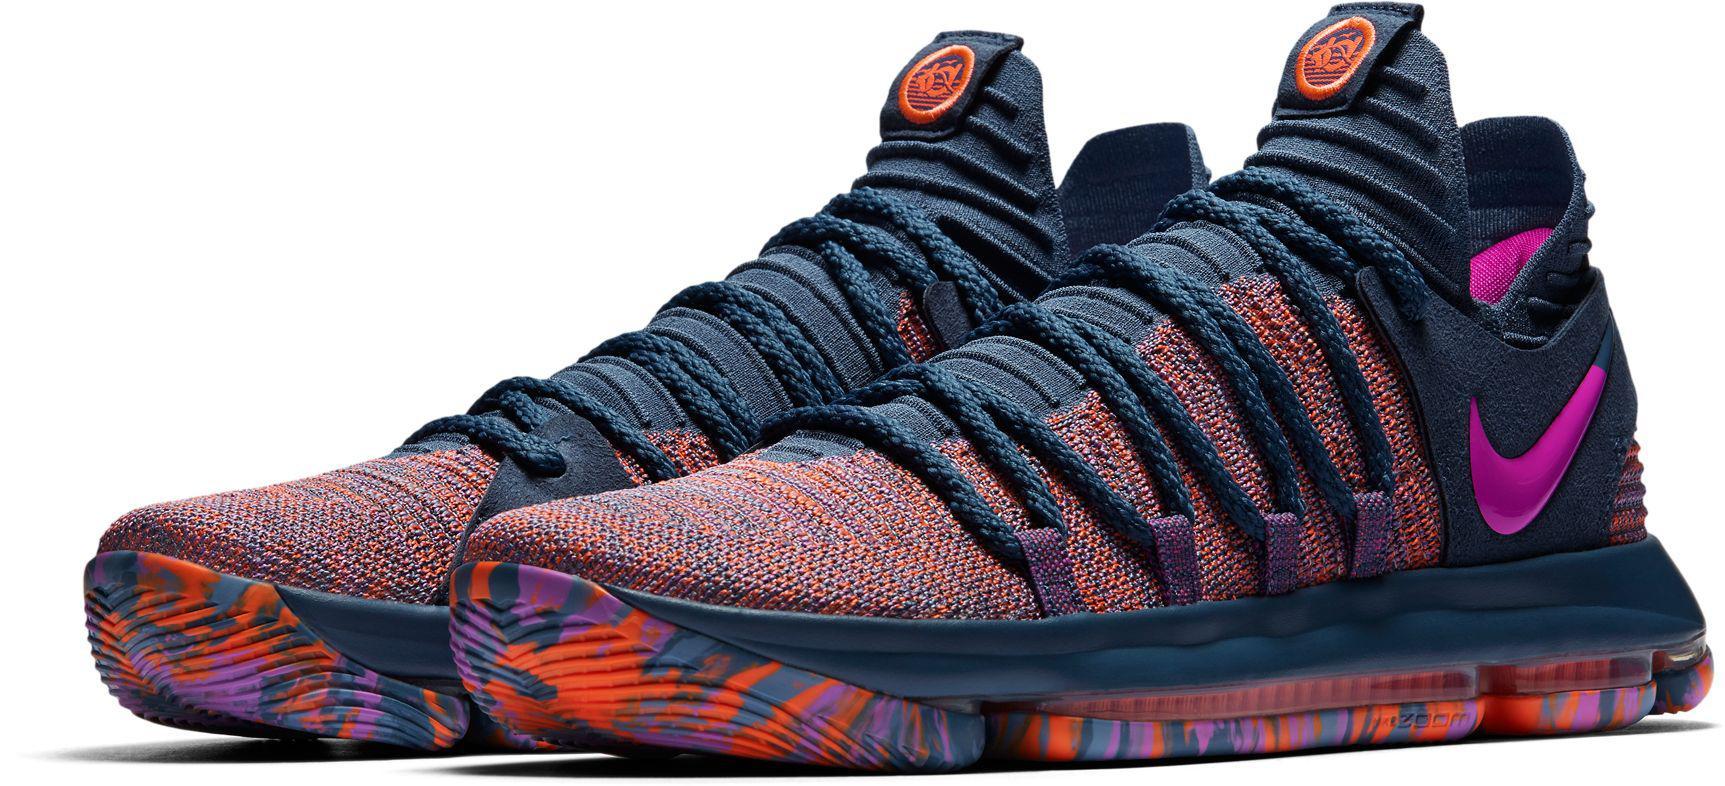 super popular dde88 30a6b Men's Blue Zoom Kd 10 Lmtd Basketball Shoes